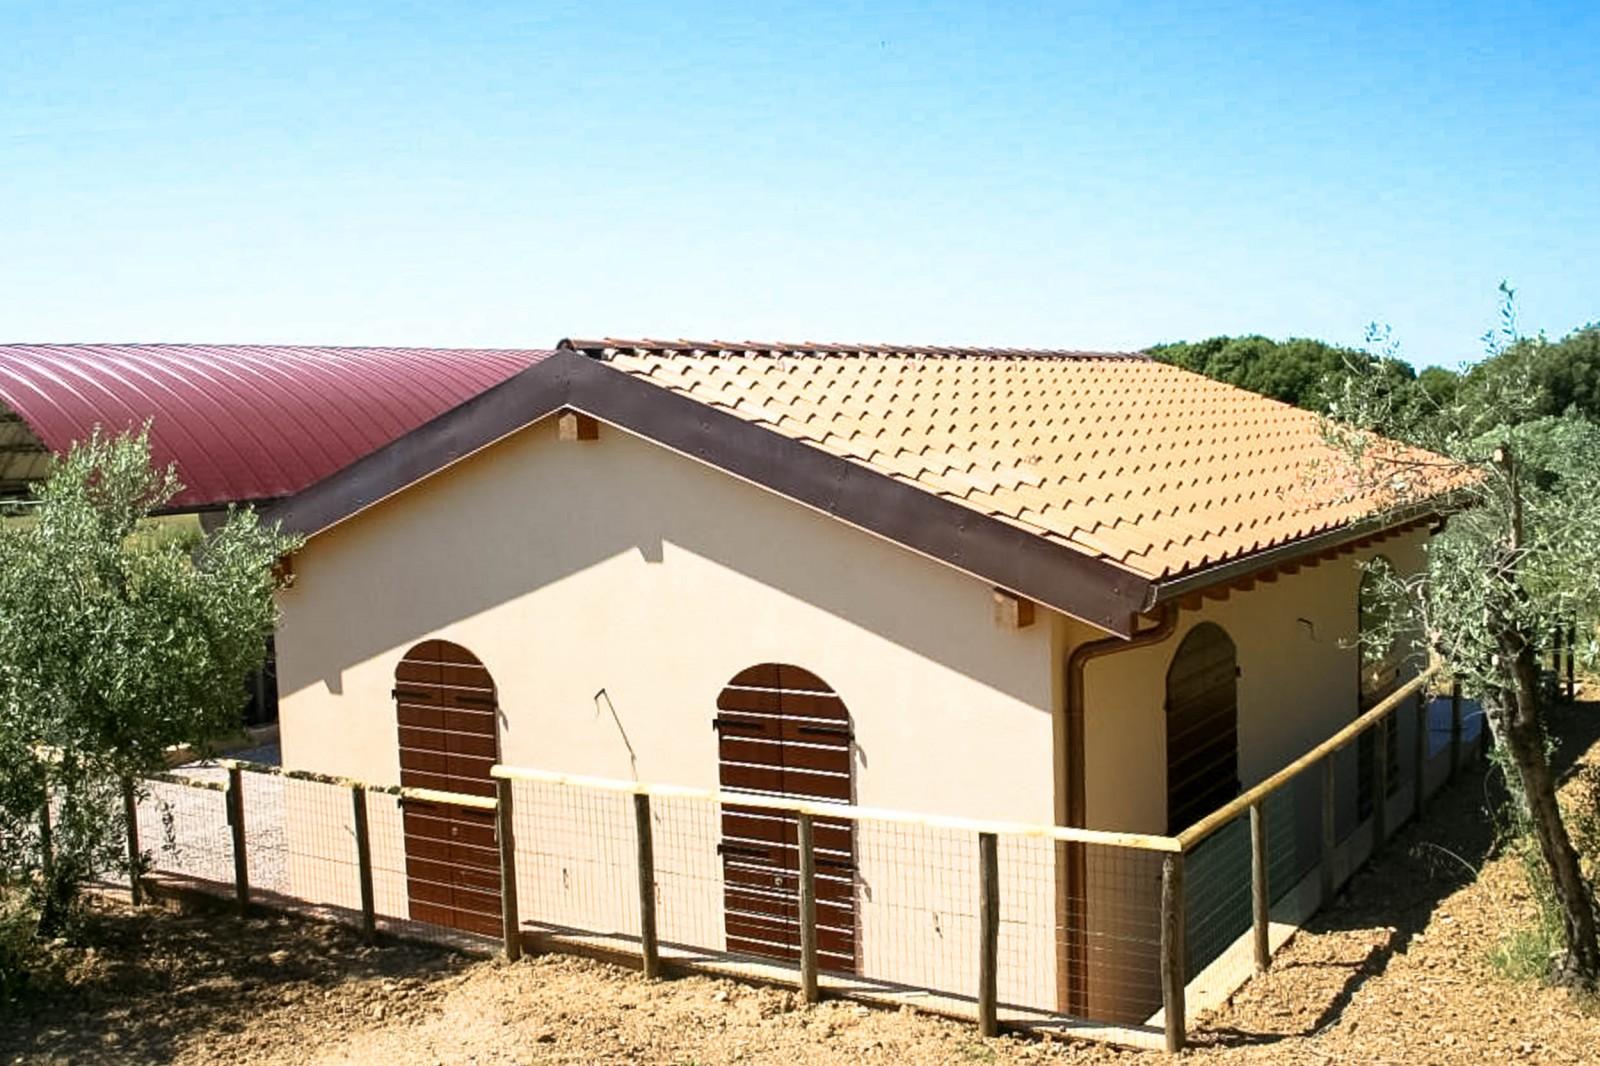 Casa Prefabbricata Prezzo : Case prefabbricate in legno il prezzo fisso e certo